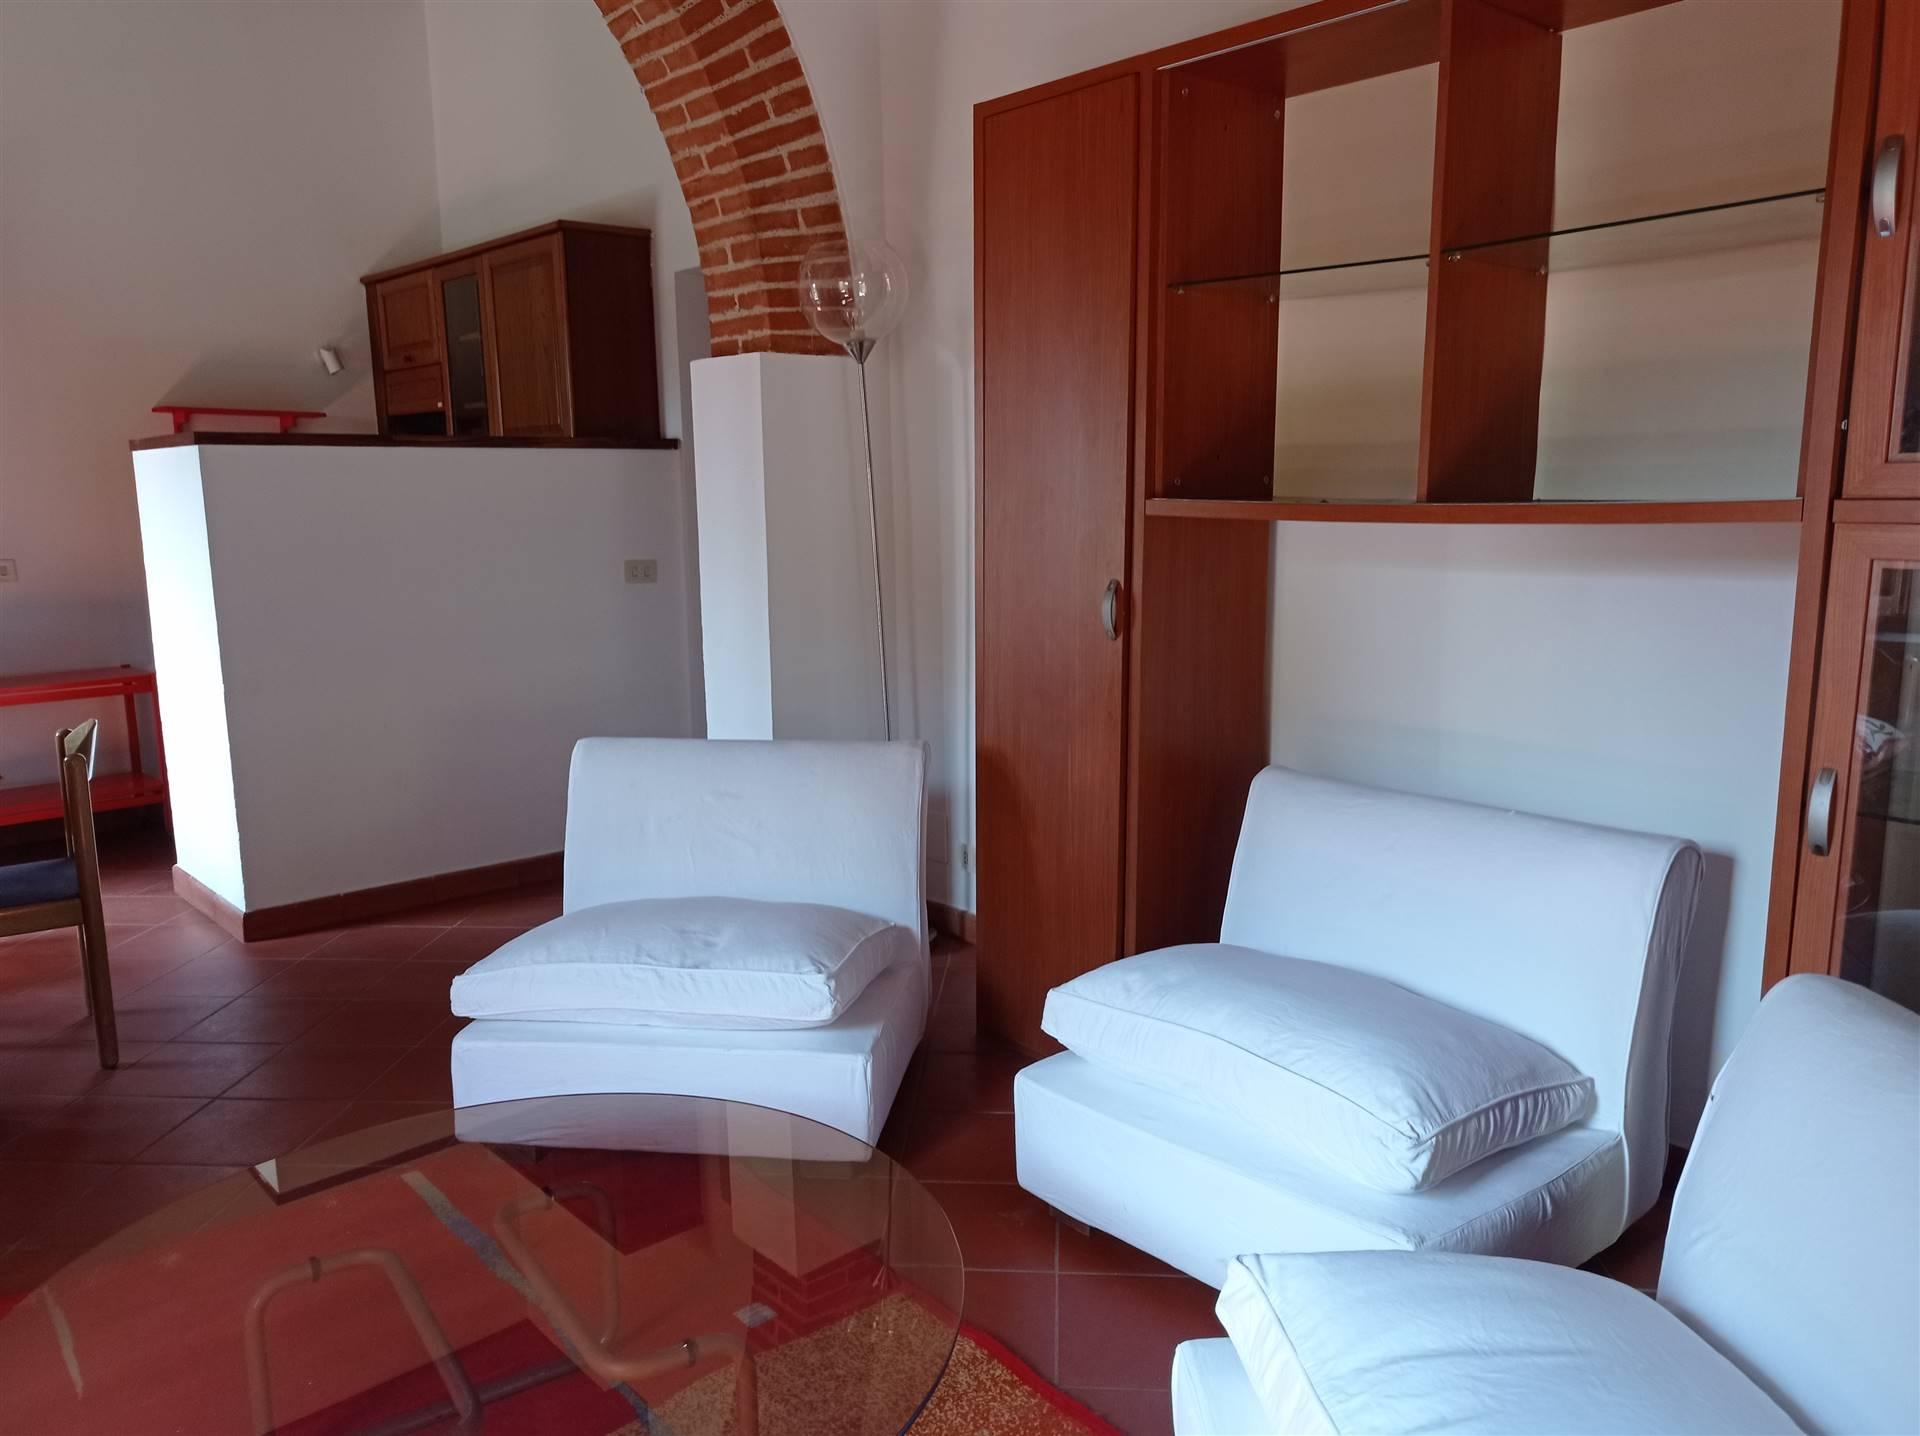 Appartamento in affitto a Fiesole, 3 locali, zona Zona: Pian di San Bartolo, prezzo € 750   CambioCasa.it